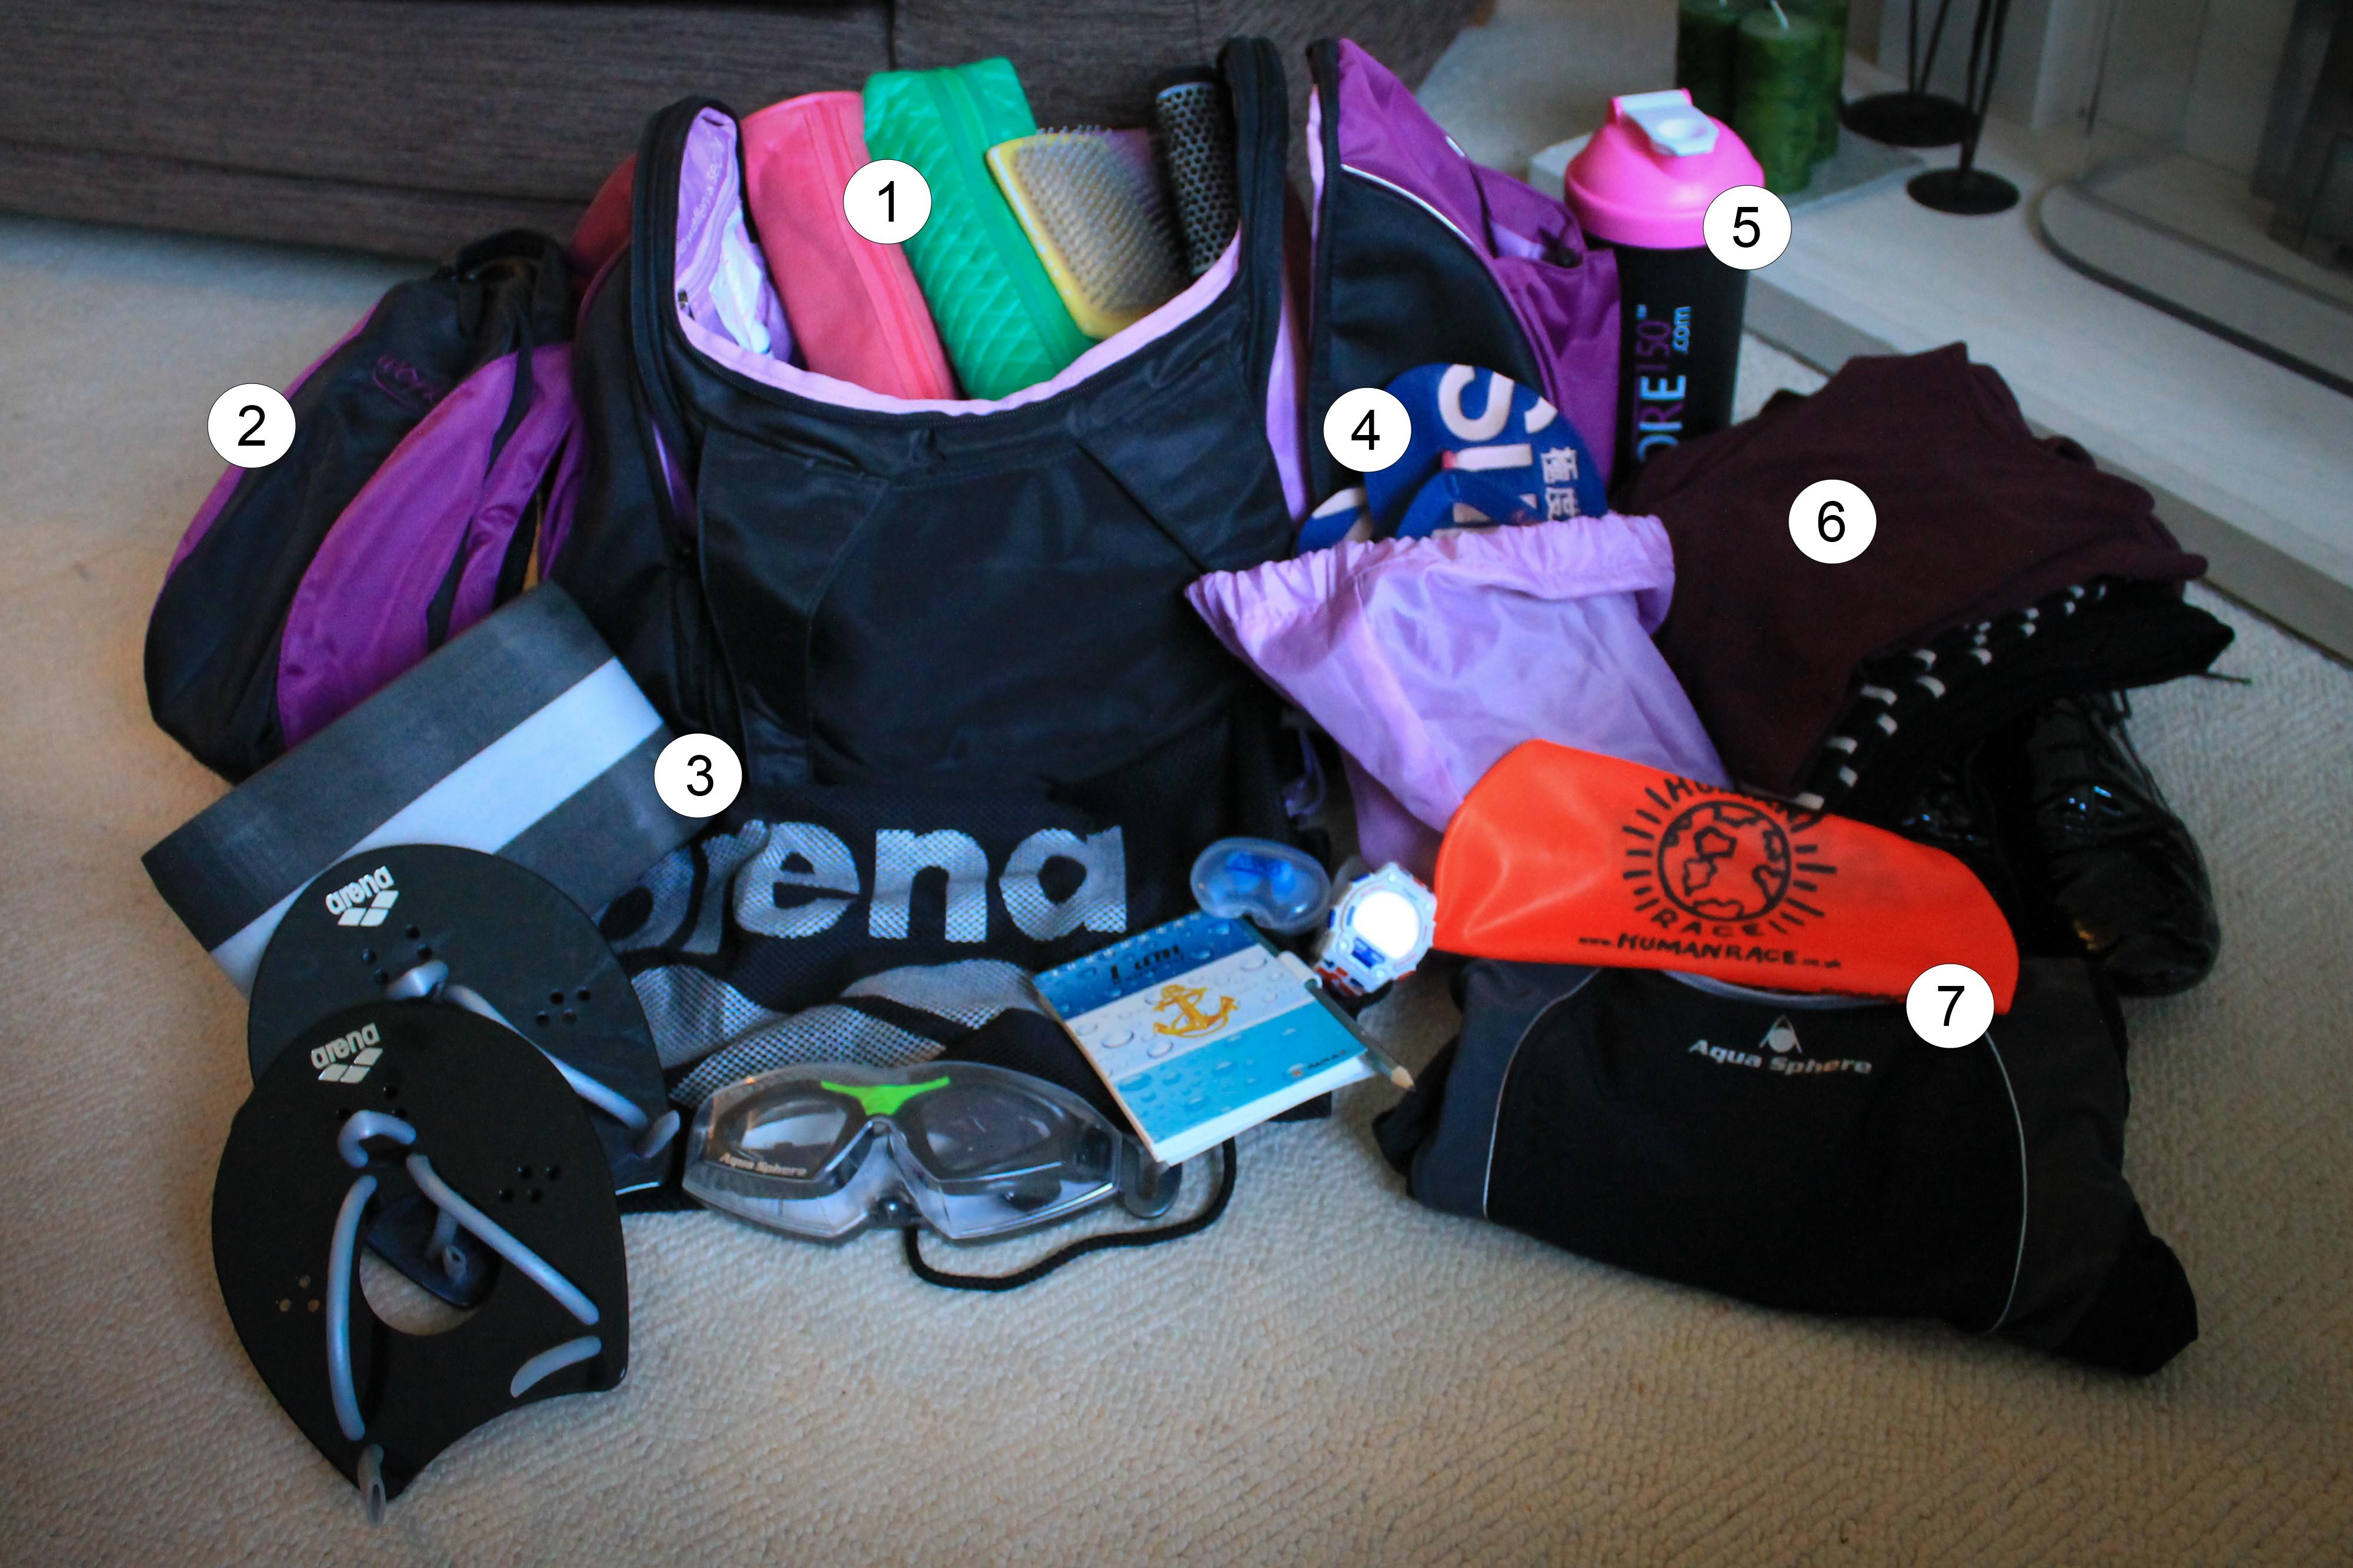 Bag Contents